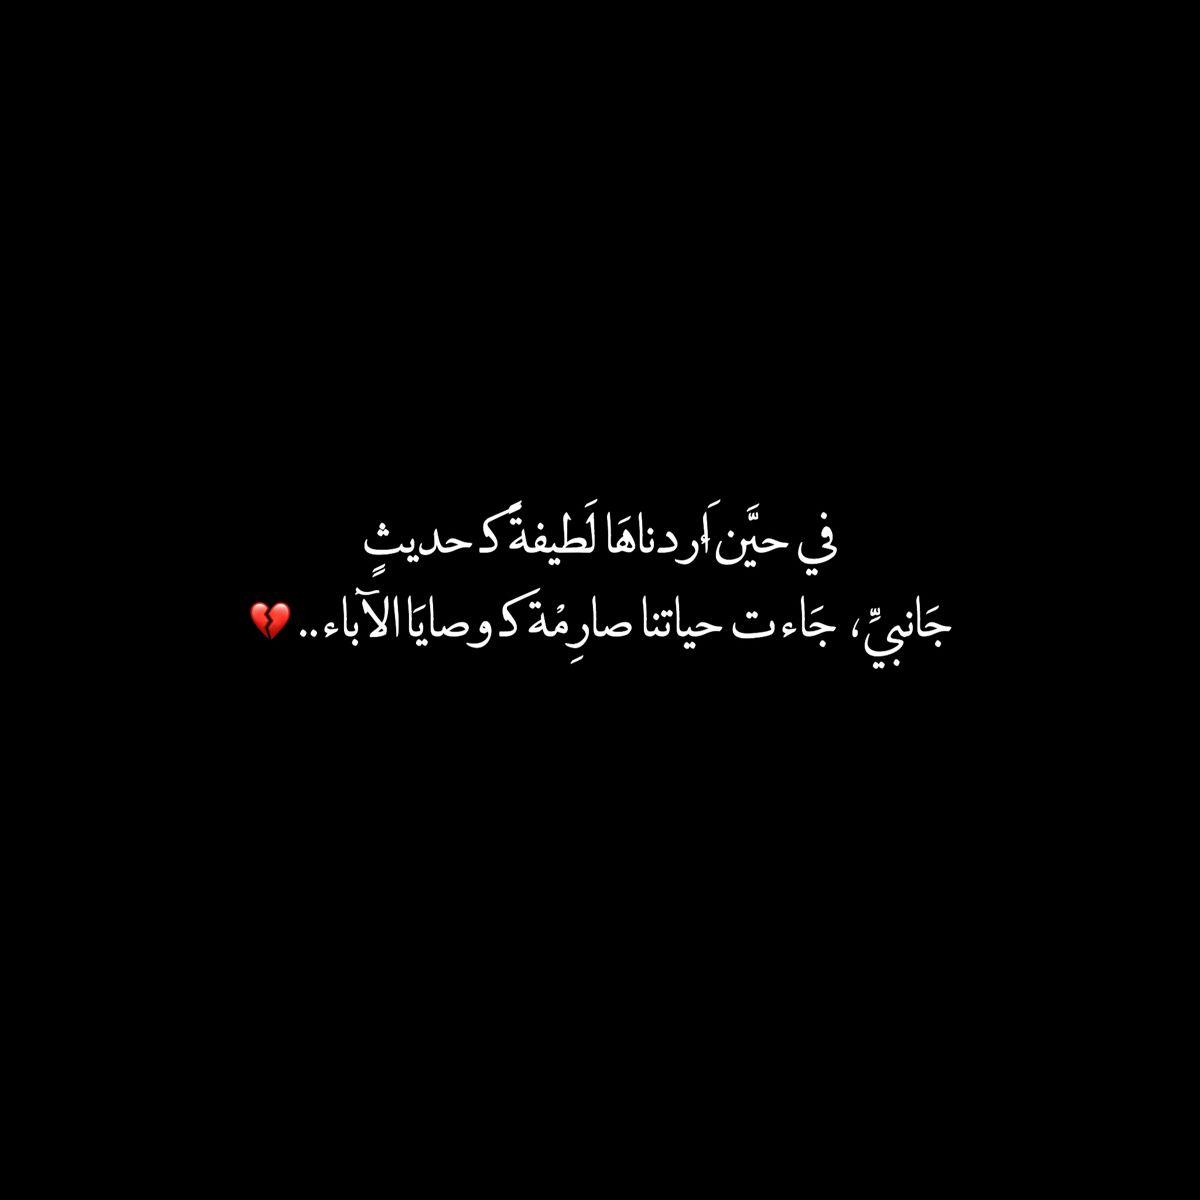 اقتباسات رمزيات كتاب كتابات تصاميم تصميم اغاني عرس حنيت حنين Arabic Love Quotes Arabic Tattoo Love Quotes